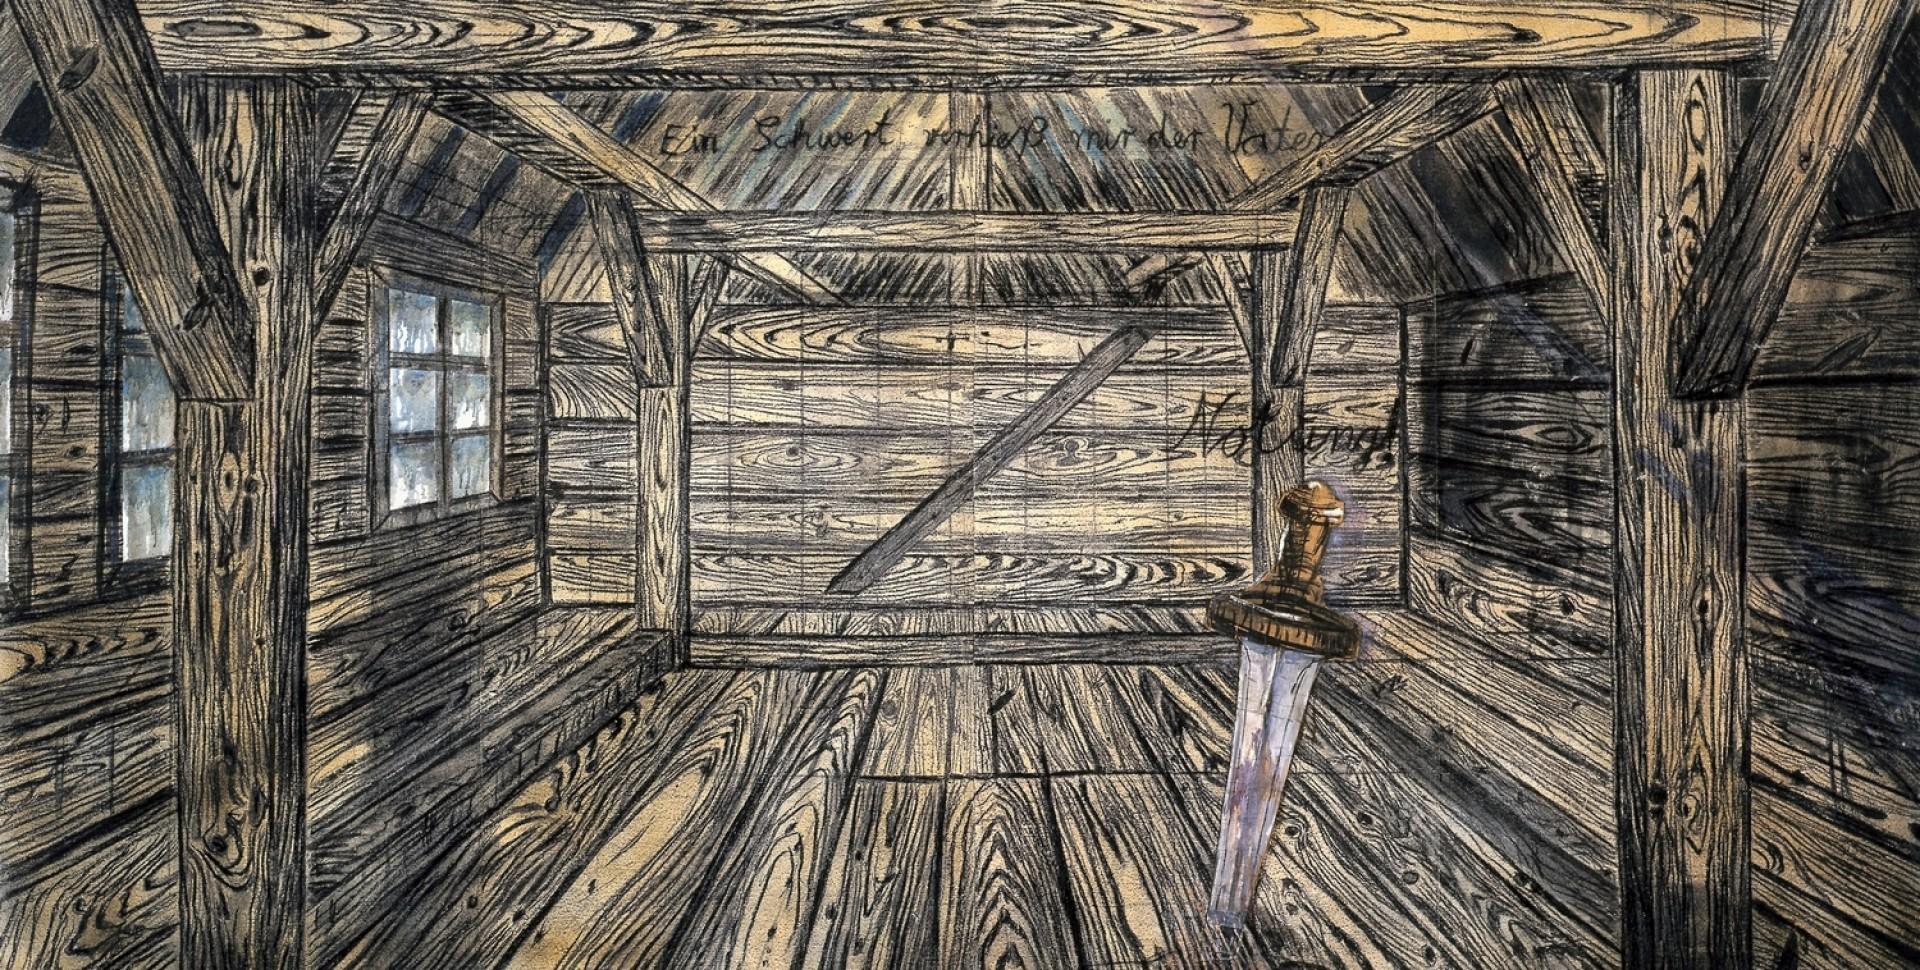 D Xl Exhibition : Xl art large format works since the s museum boijmans van